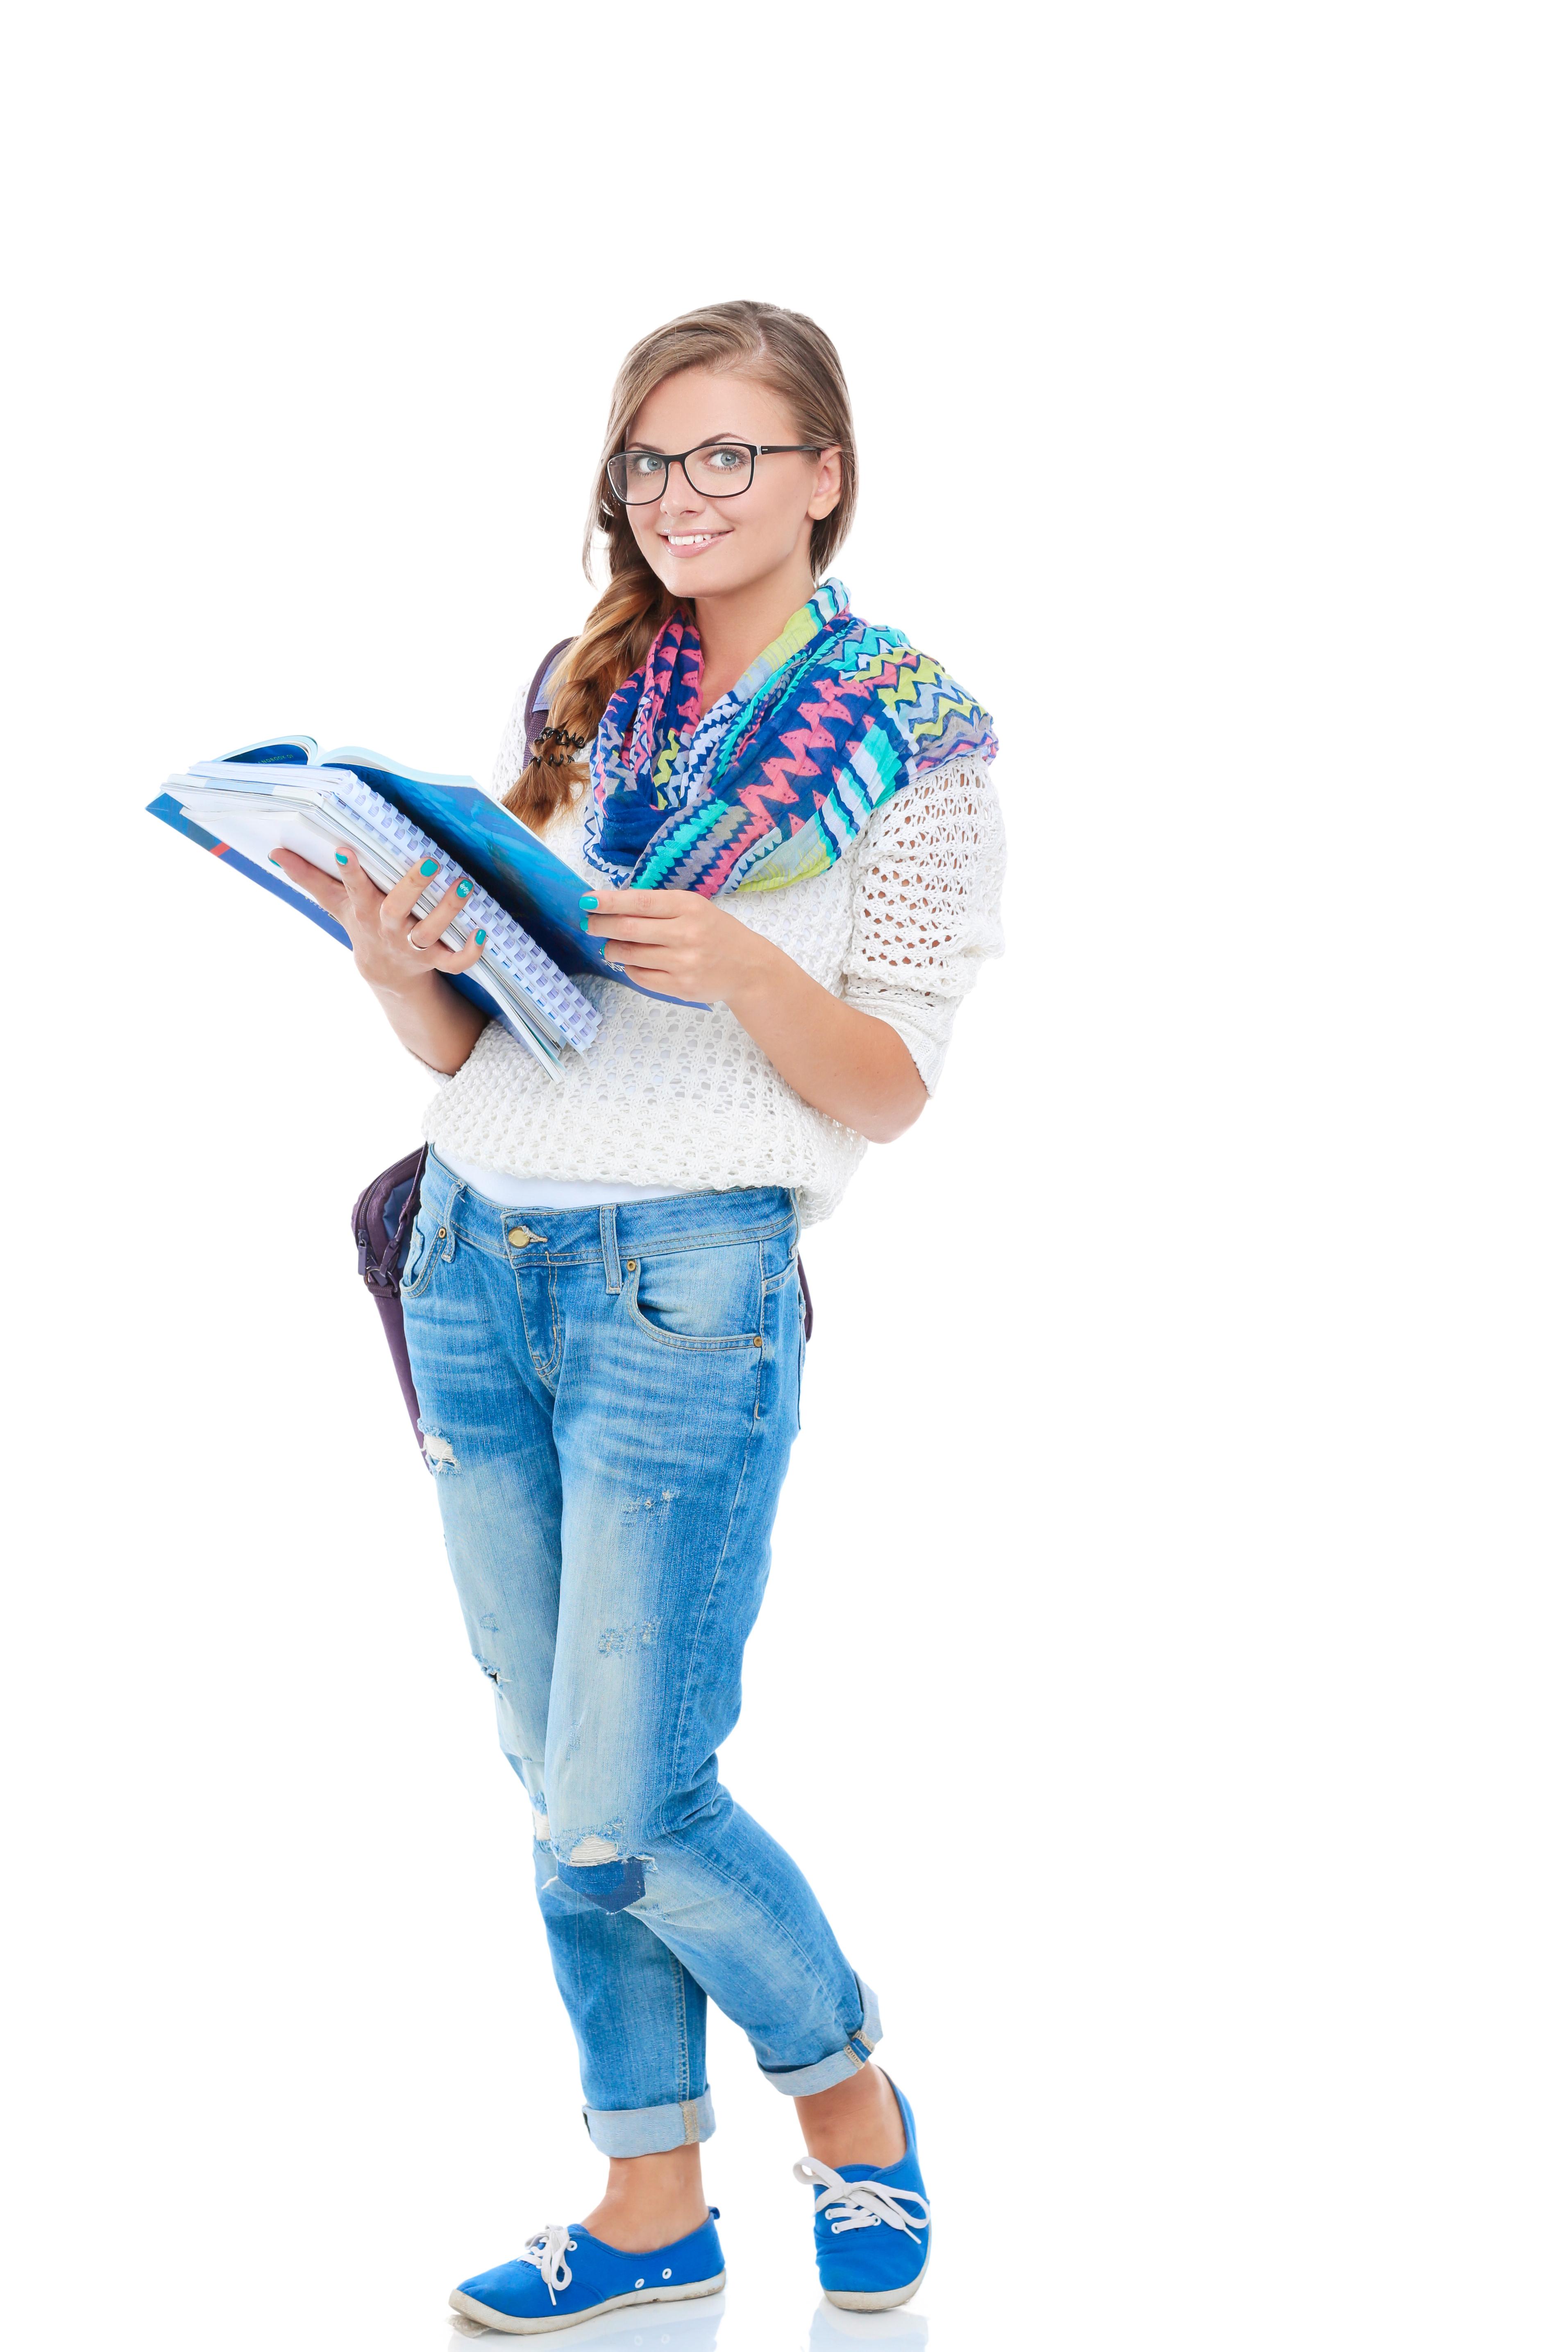 Současné vysokoškoláky zajímá nejvíc školství a jsou proevropští. Za zásadní pro správné fungování společnosti považují svobodu